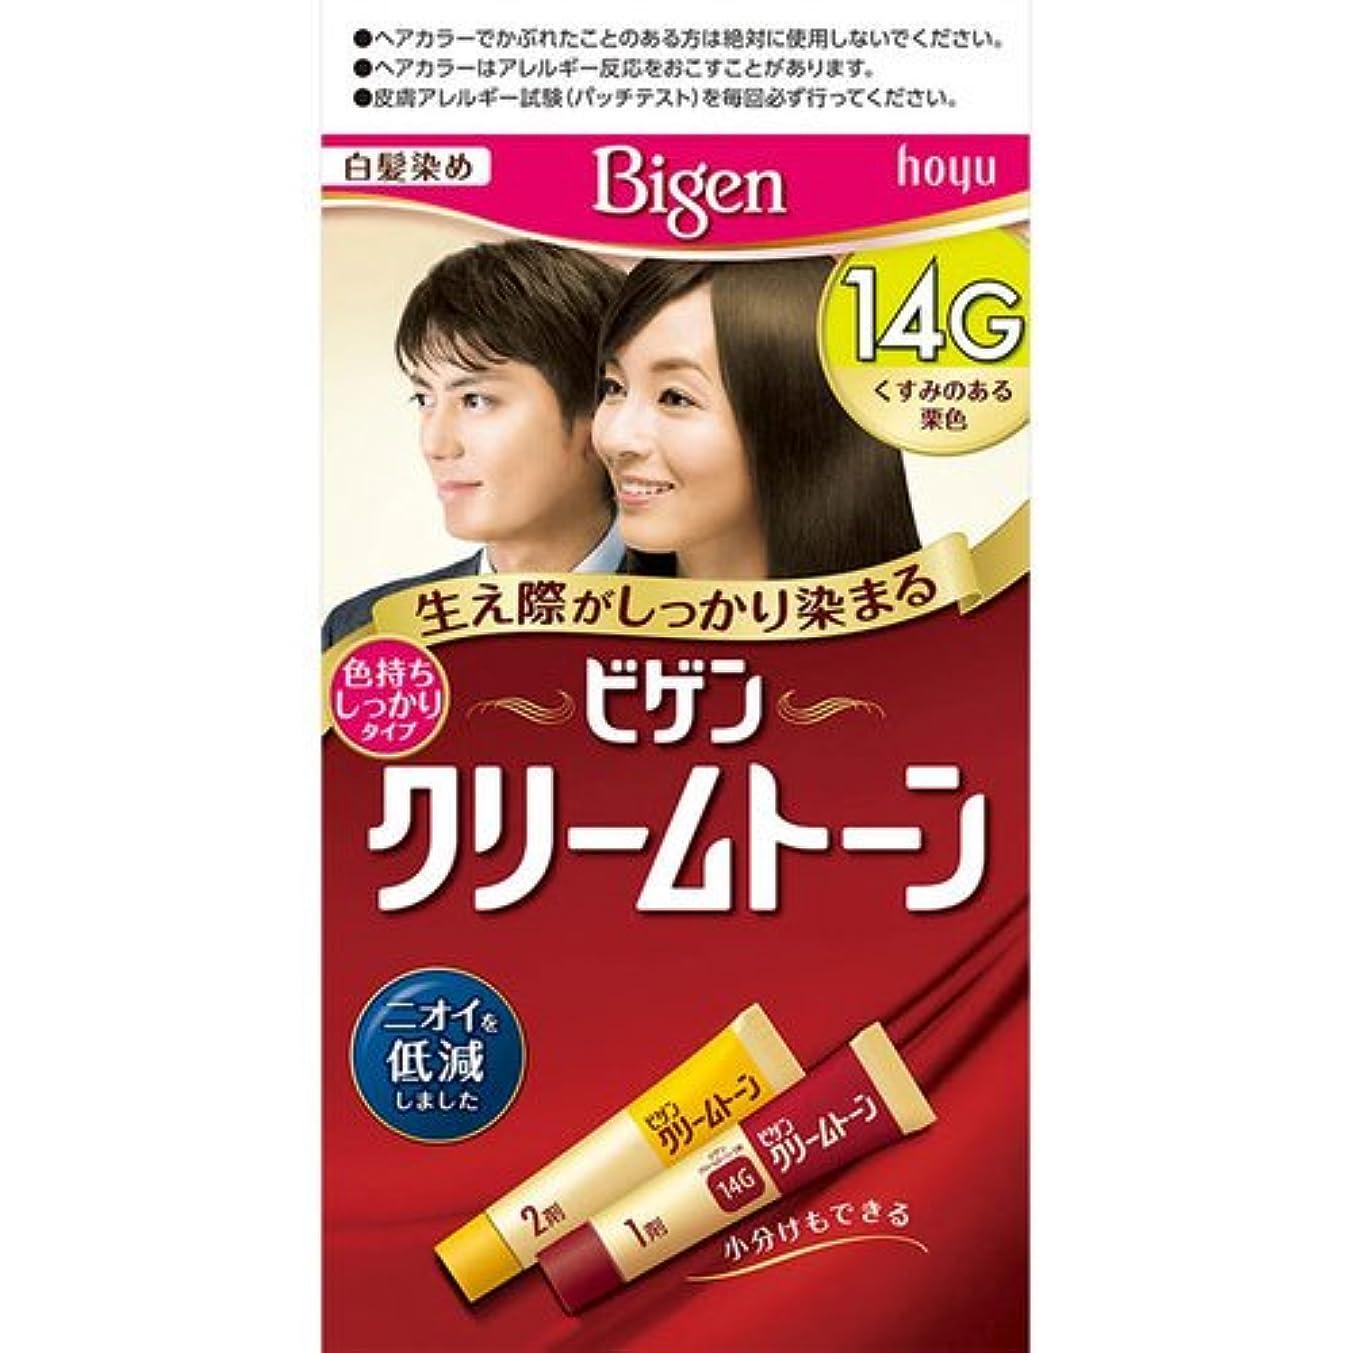 ビゲン クリームトーン 14G くすみのある栗色 40g+40g[医薬部外品]